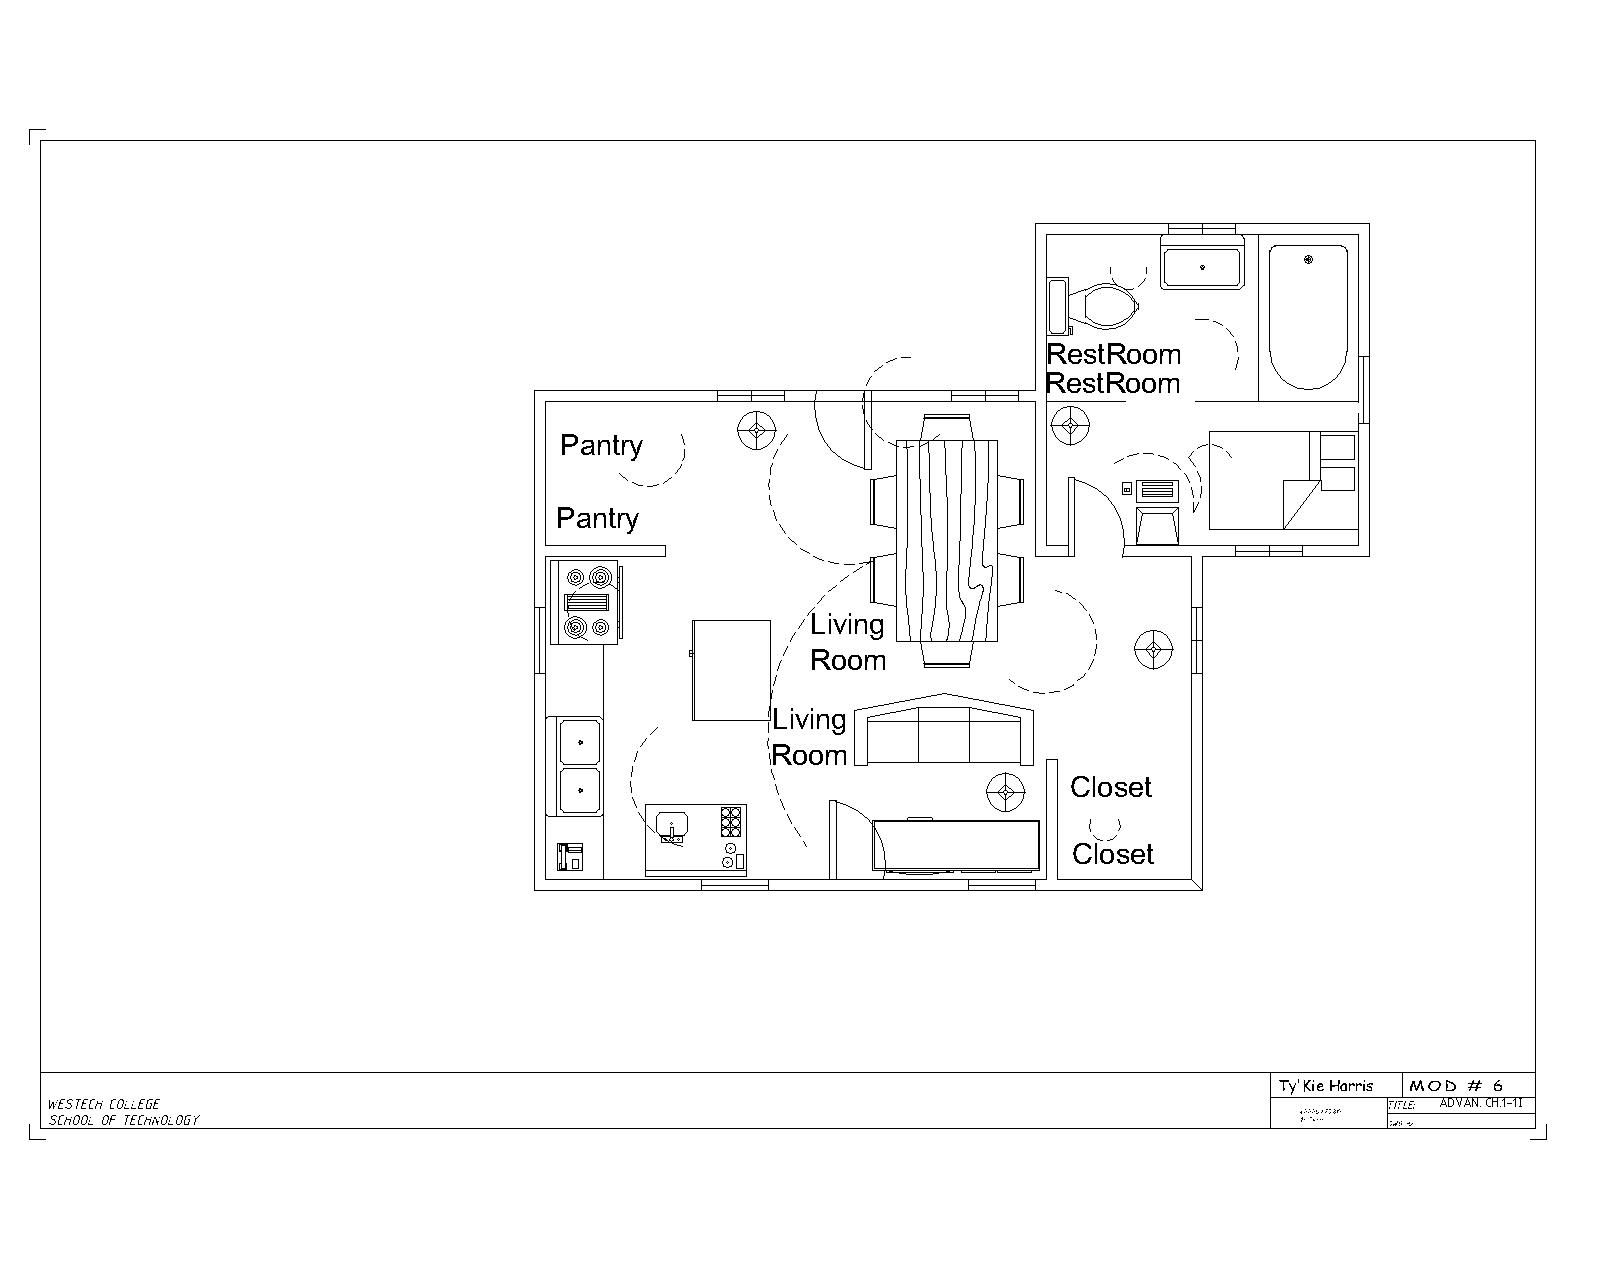 A Final Project Floor Plan Revit Architecture Autocad Revit Floor Plans